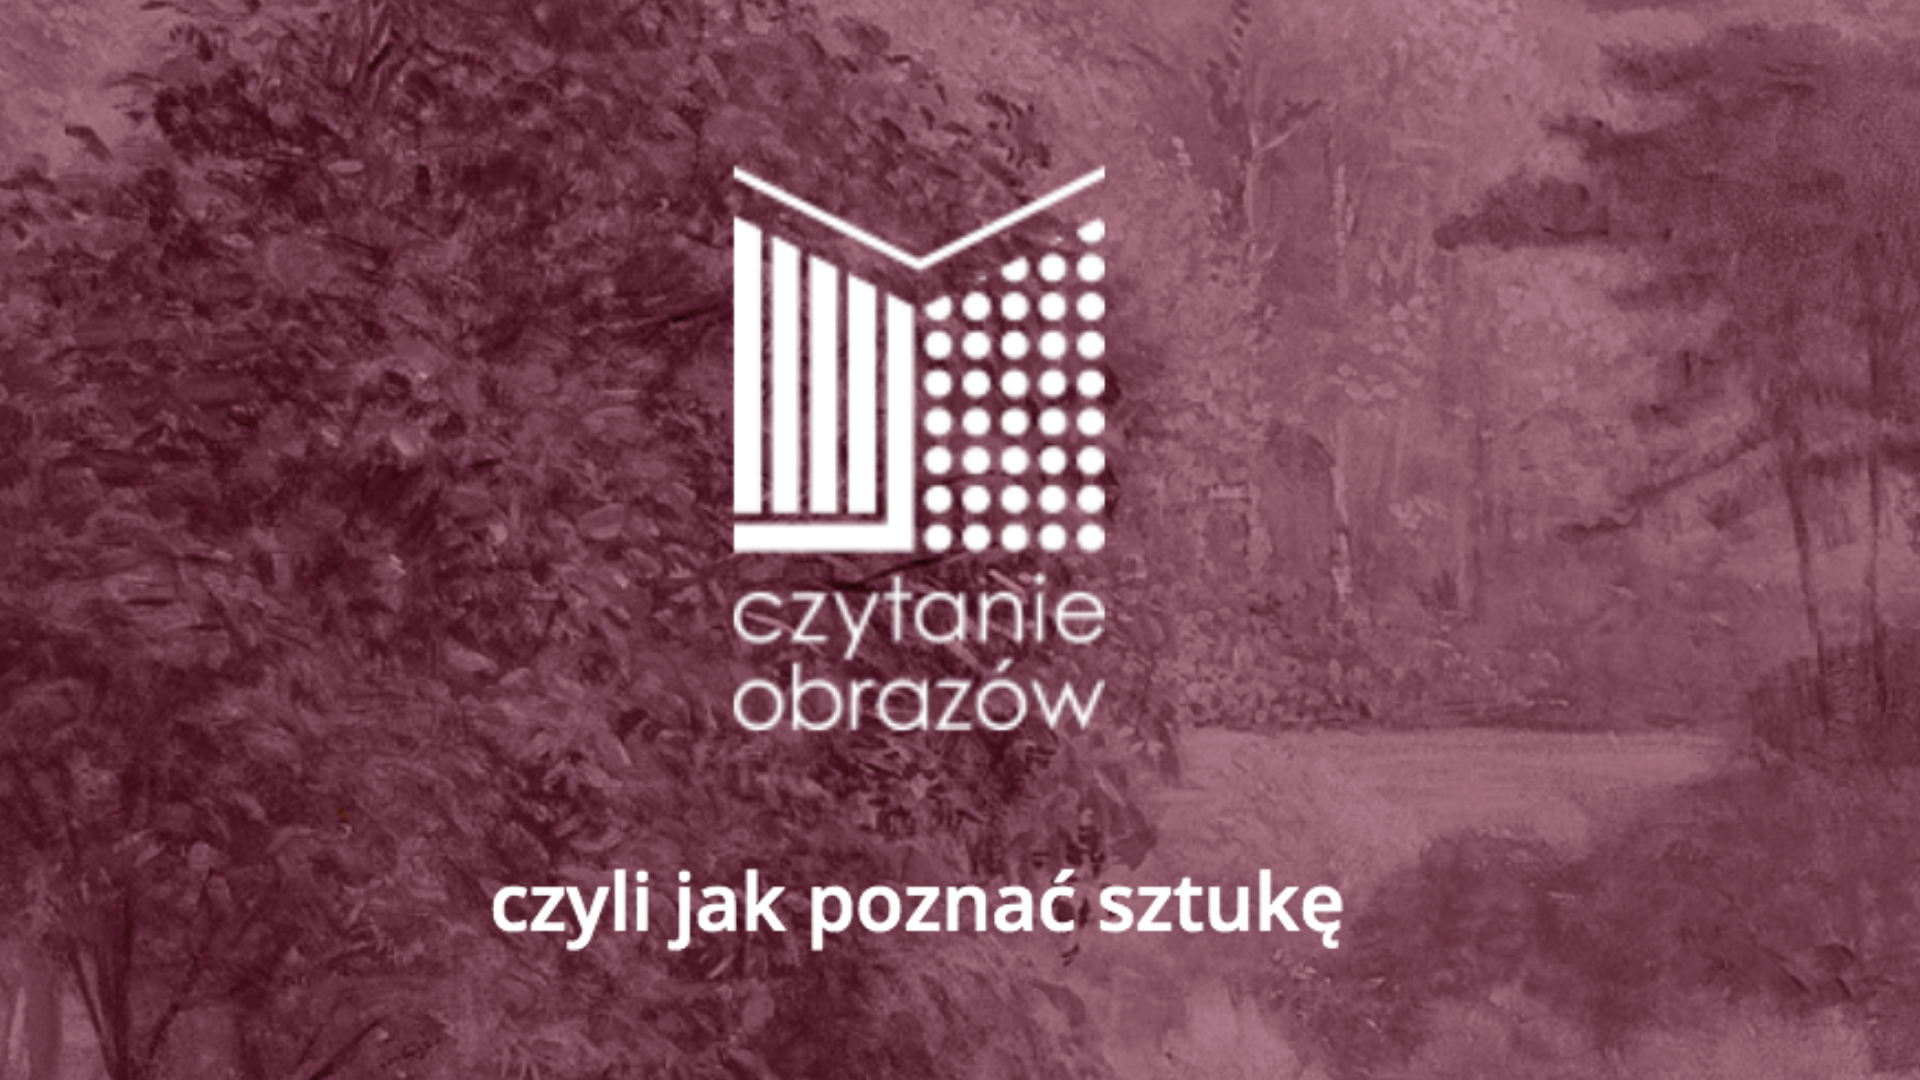 Logo projektu Czytanie obrazów czyli jak poznać sztukę.